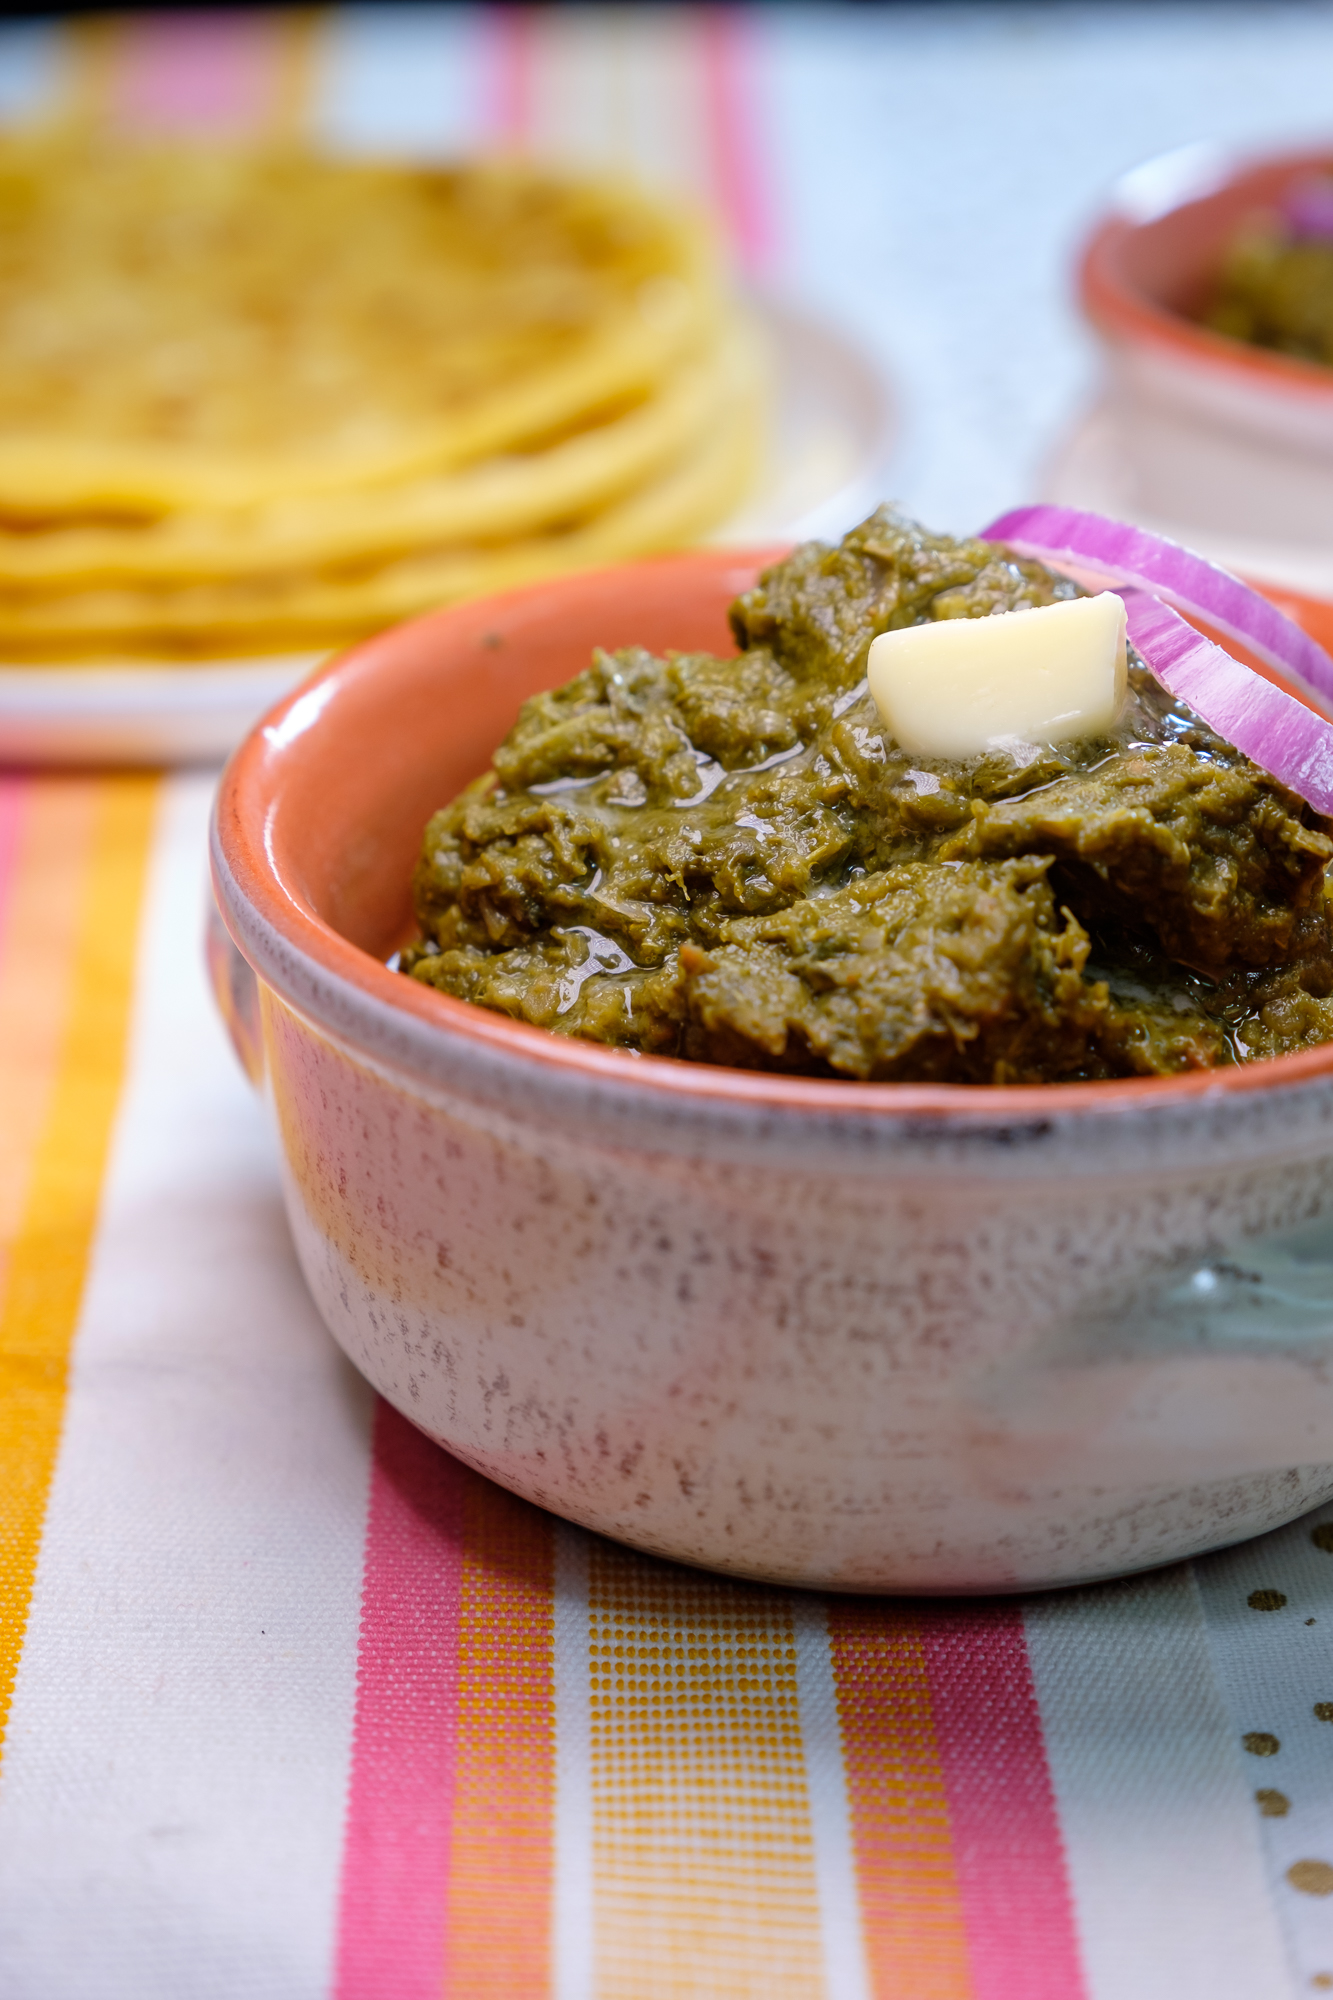 Bowl of Punjabi Saag